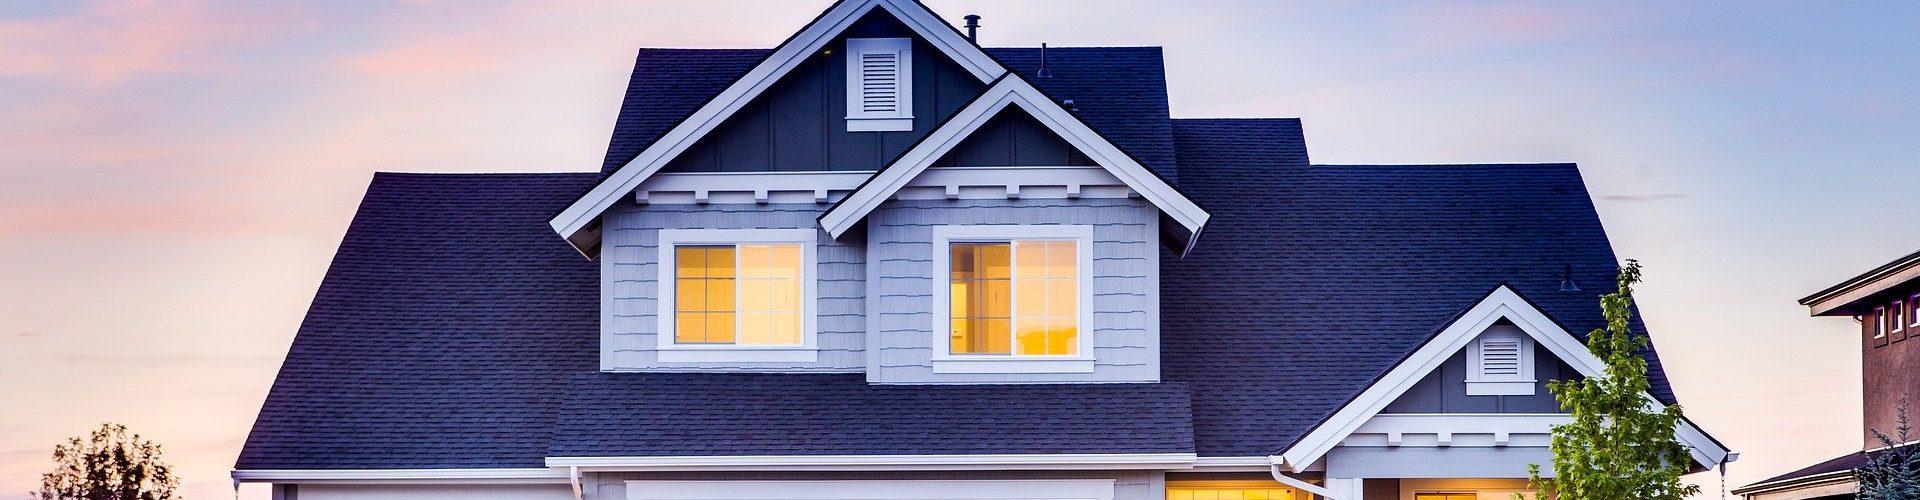 Investissement immobilier : les 5 Etats américains les moins chers